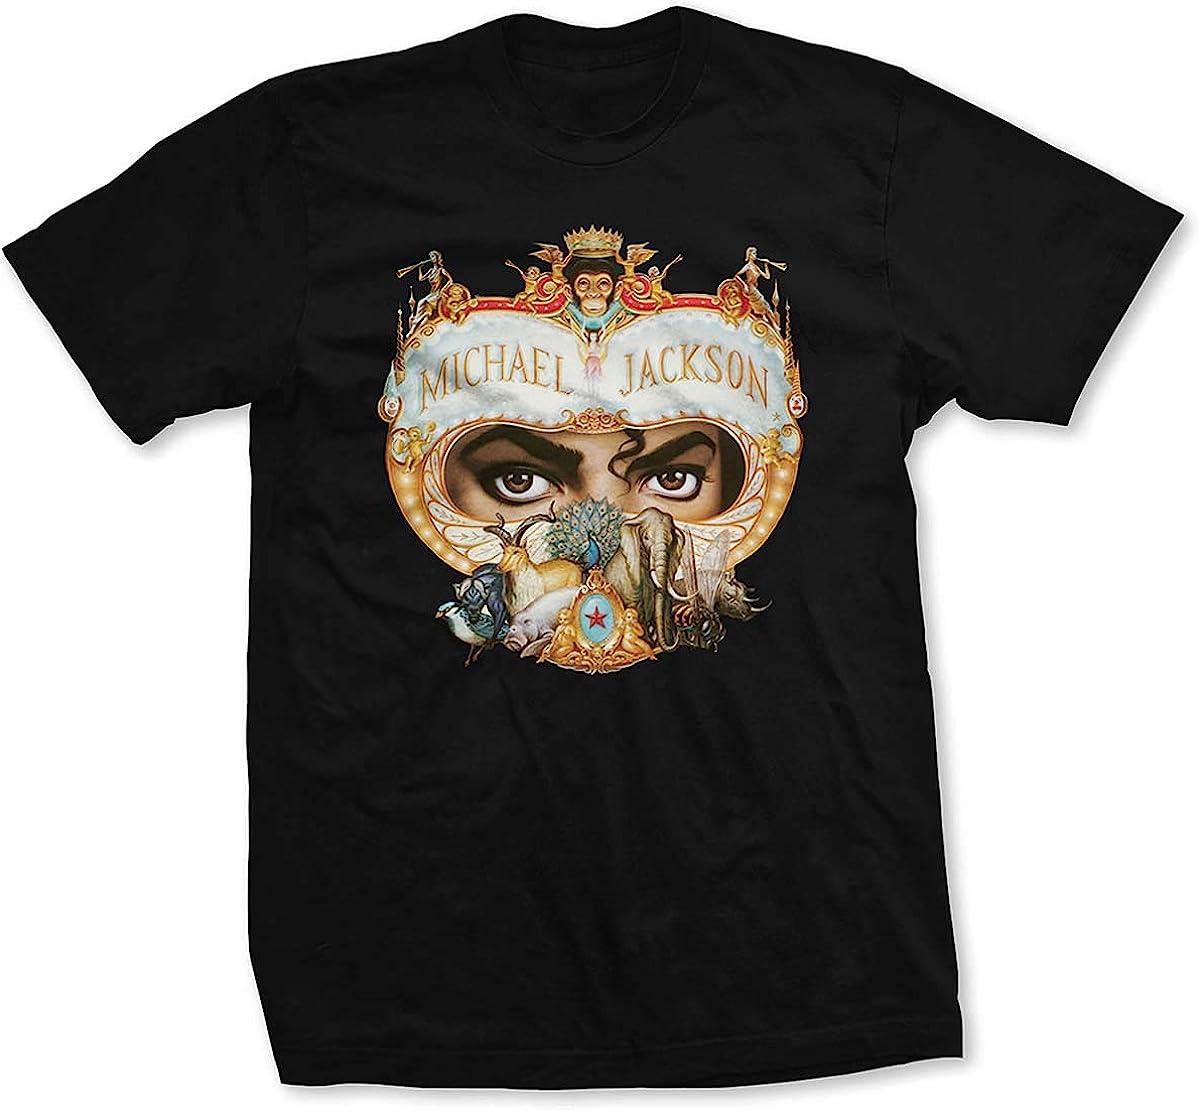 Rock Off Michael Jackson Dangerous Oficial Camiseta para Hombre: Amazon.es: Ropa y accesorios